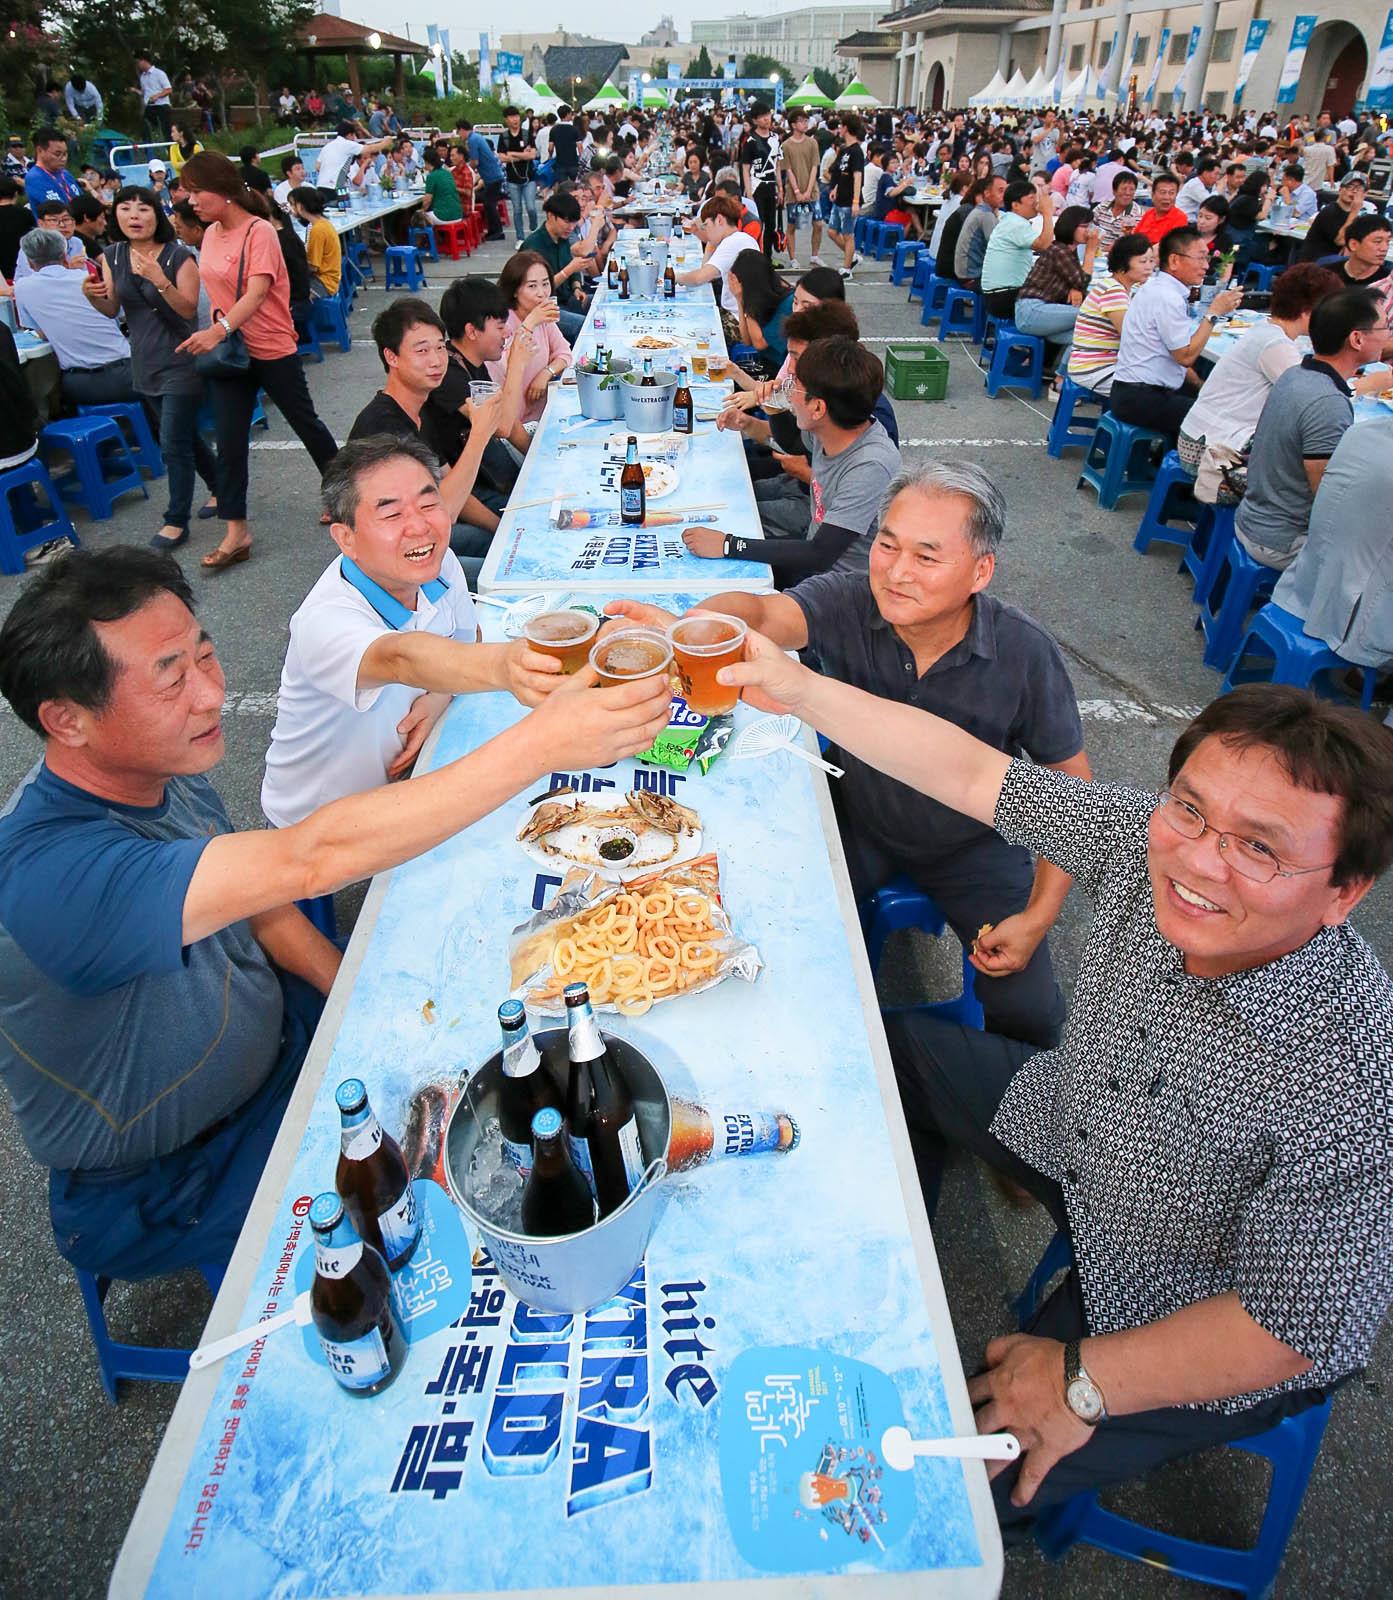 10일 전북 전주종합경기장 주차장 일원에서 열린 가맥축제에서 참가자들이 건배하고 있다. 프리랜서 장정필